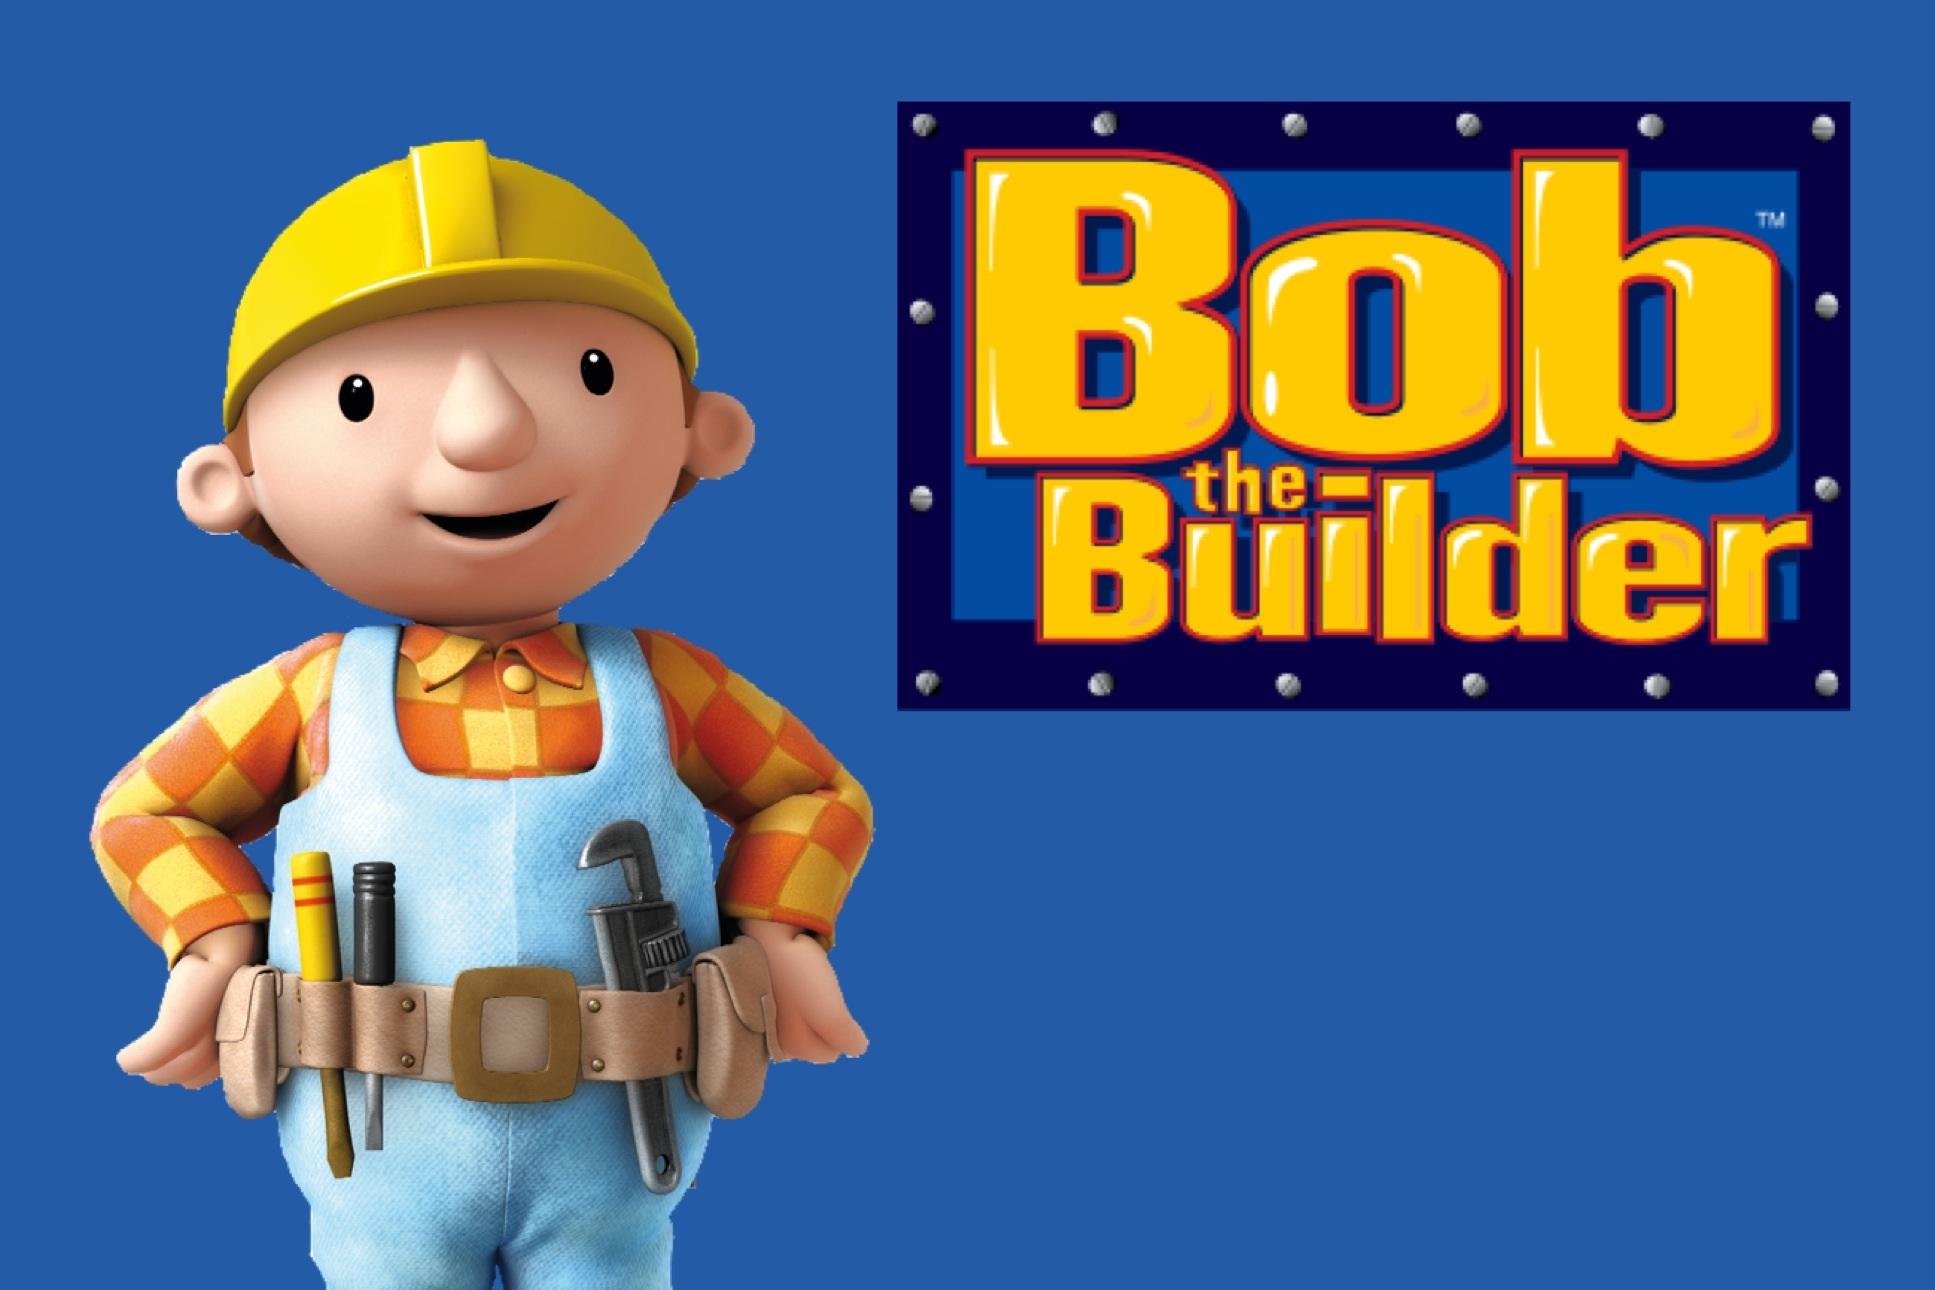 image bob the builder jpeg dreamworks animation wiki shrek clip art images shrek clip art black and white